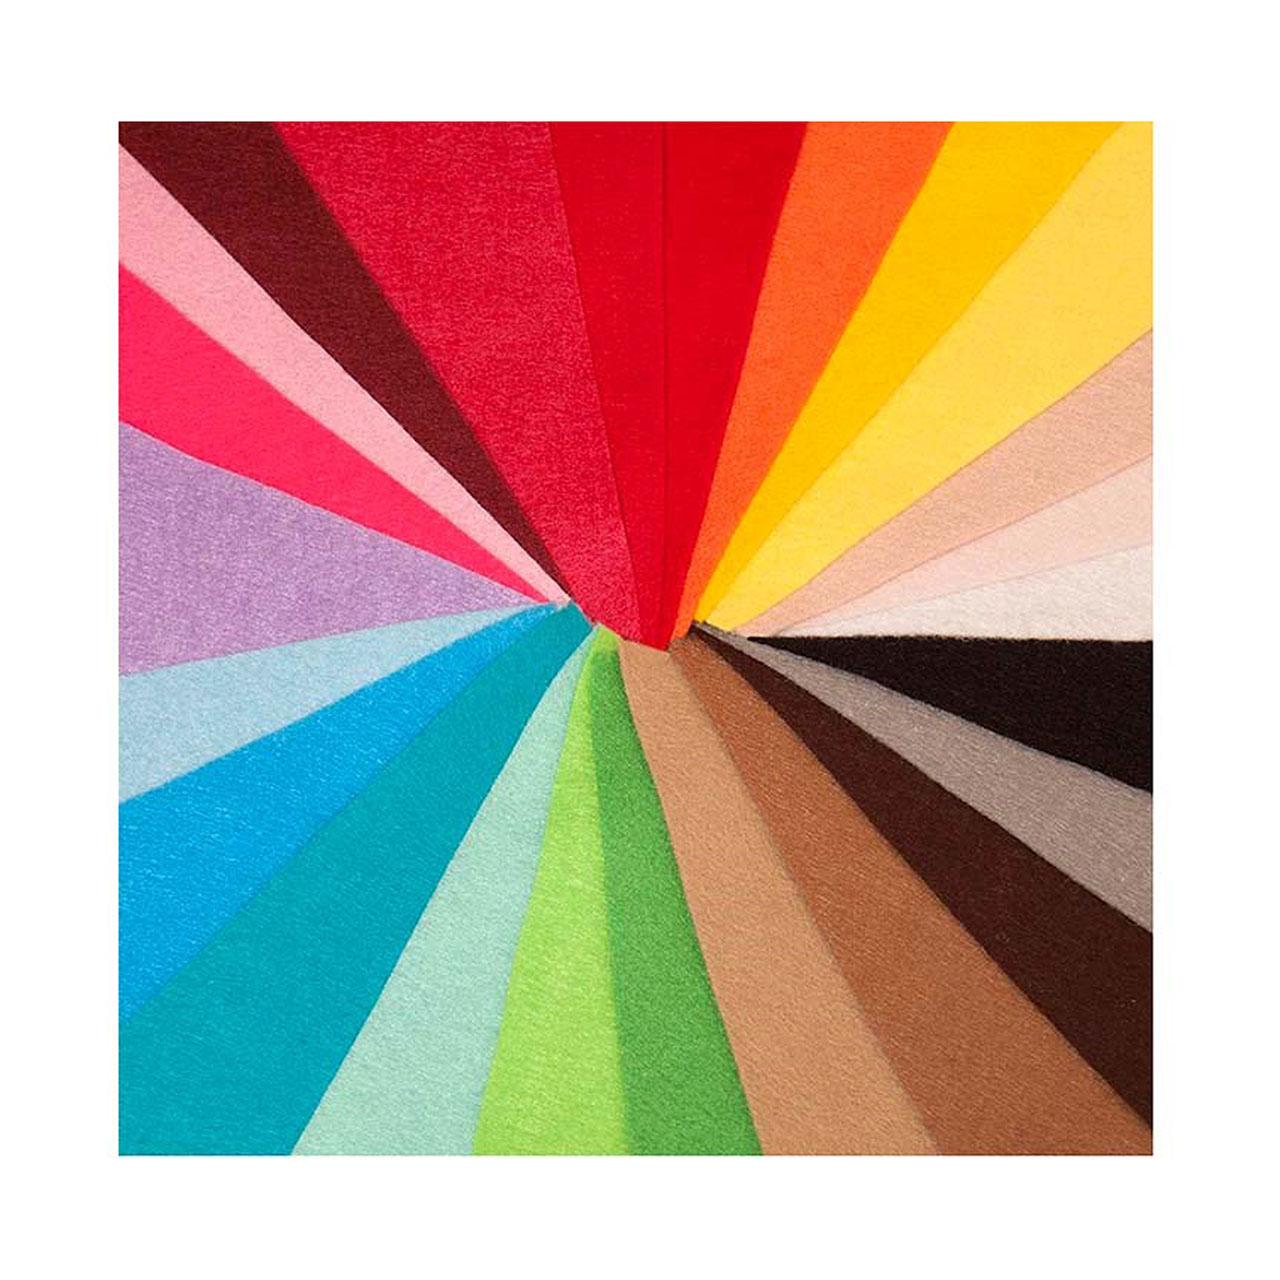 بسته ی 24 رنگ نمد درجه یک هنری ساز کد 1302